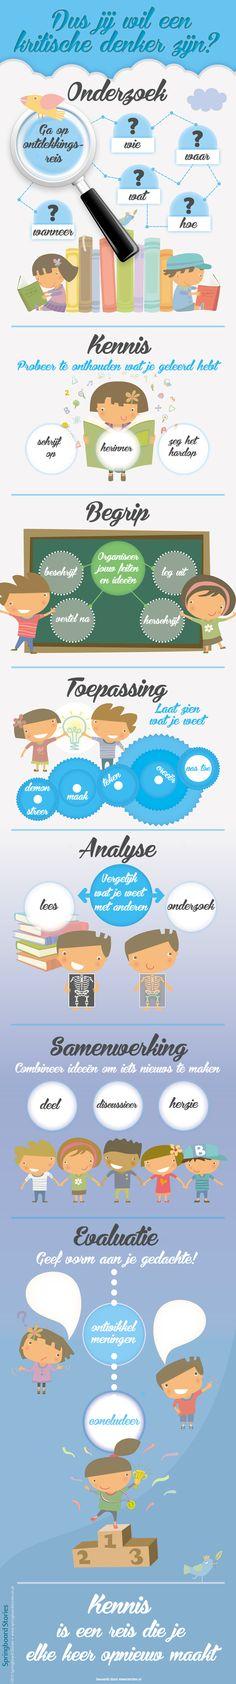 Kritisch denken en onderzoeken